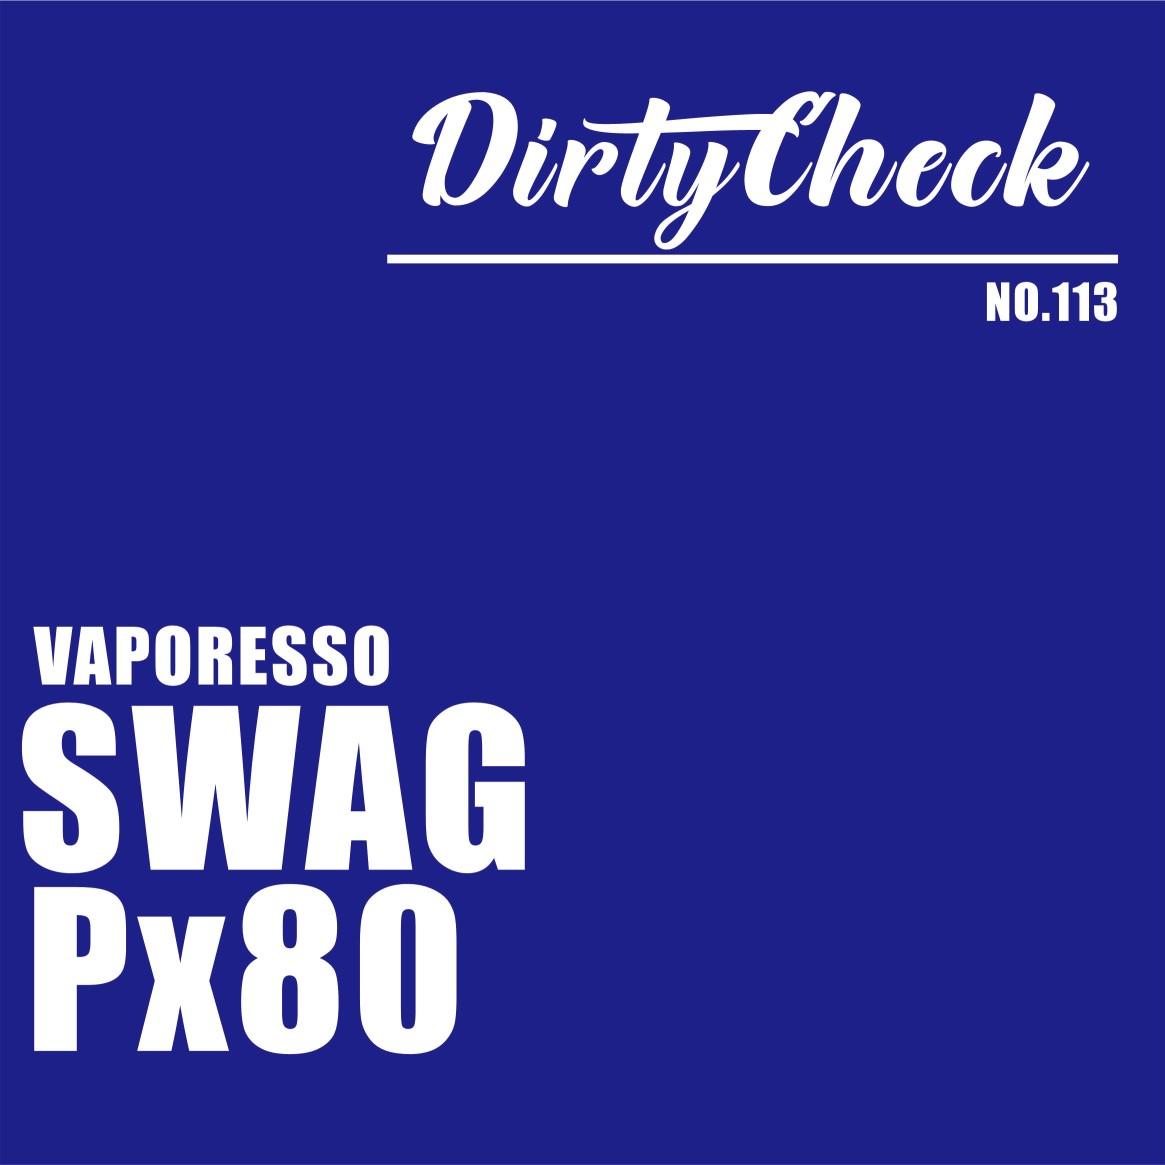 Vaporesso SWAG PX80